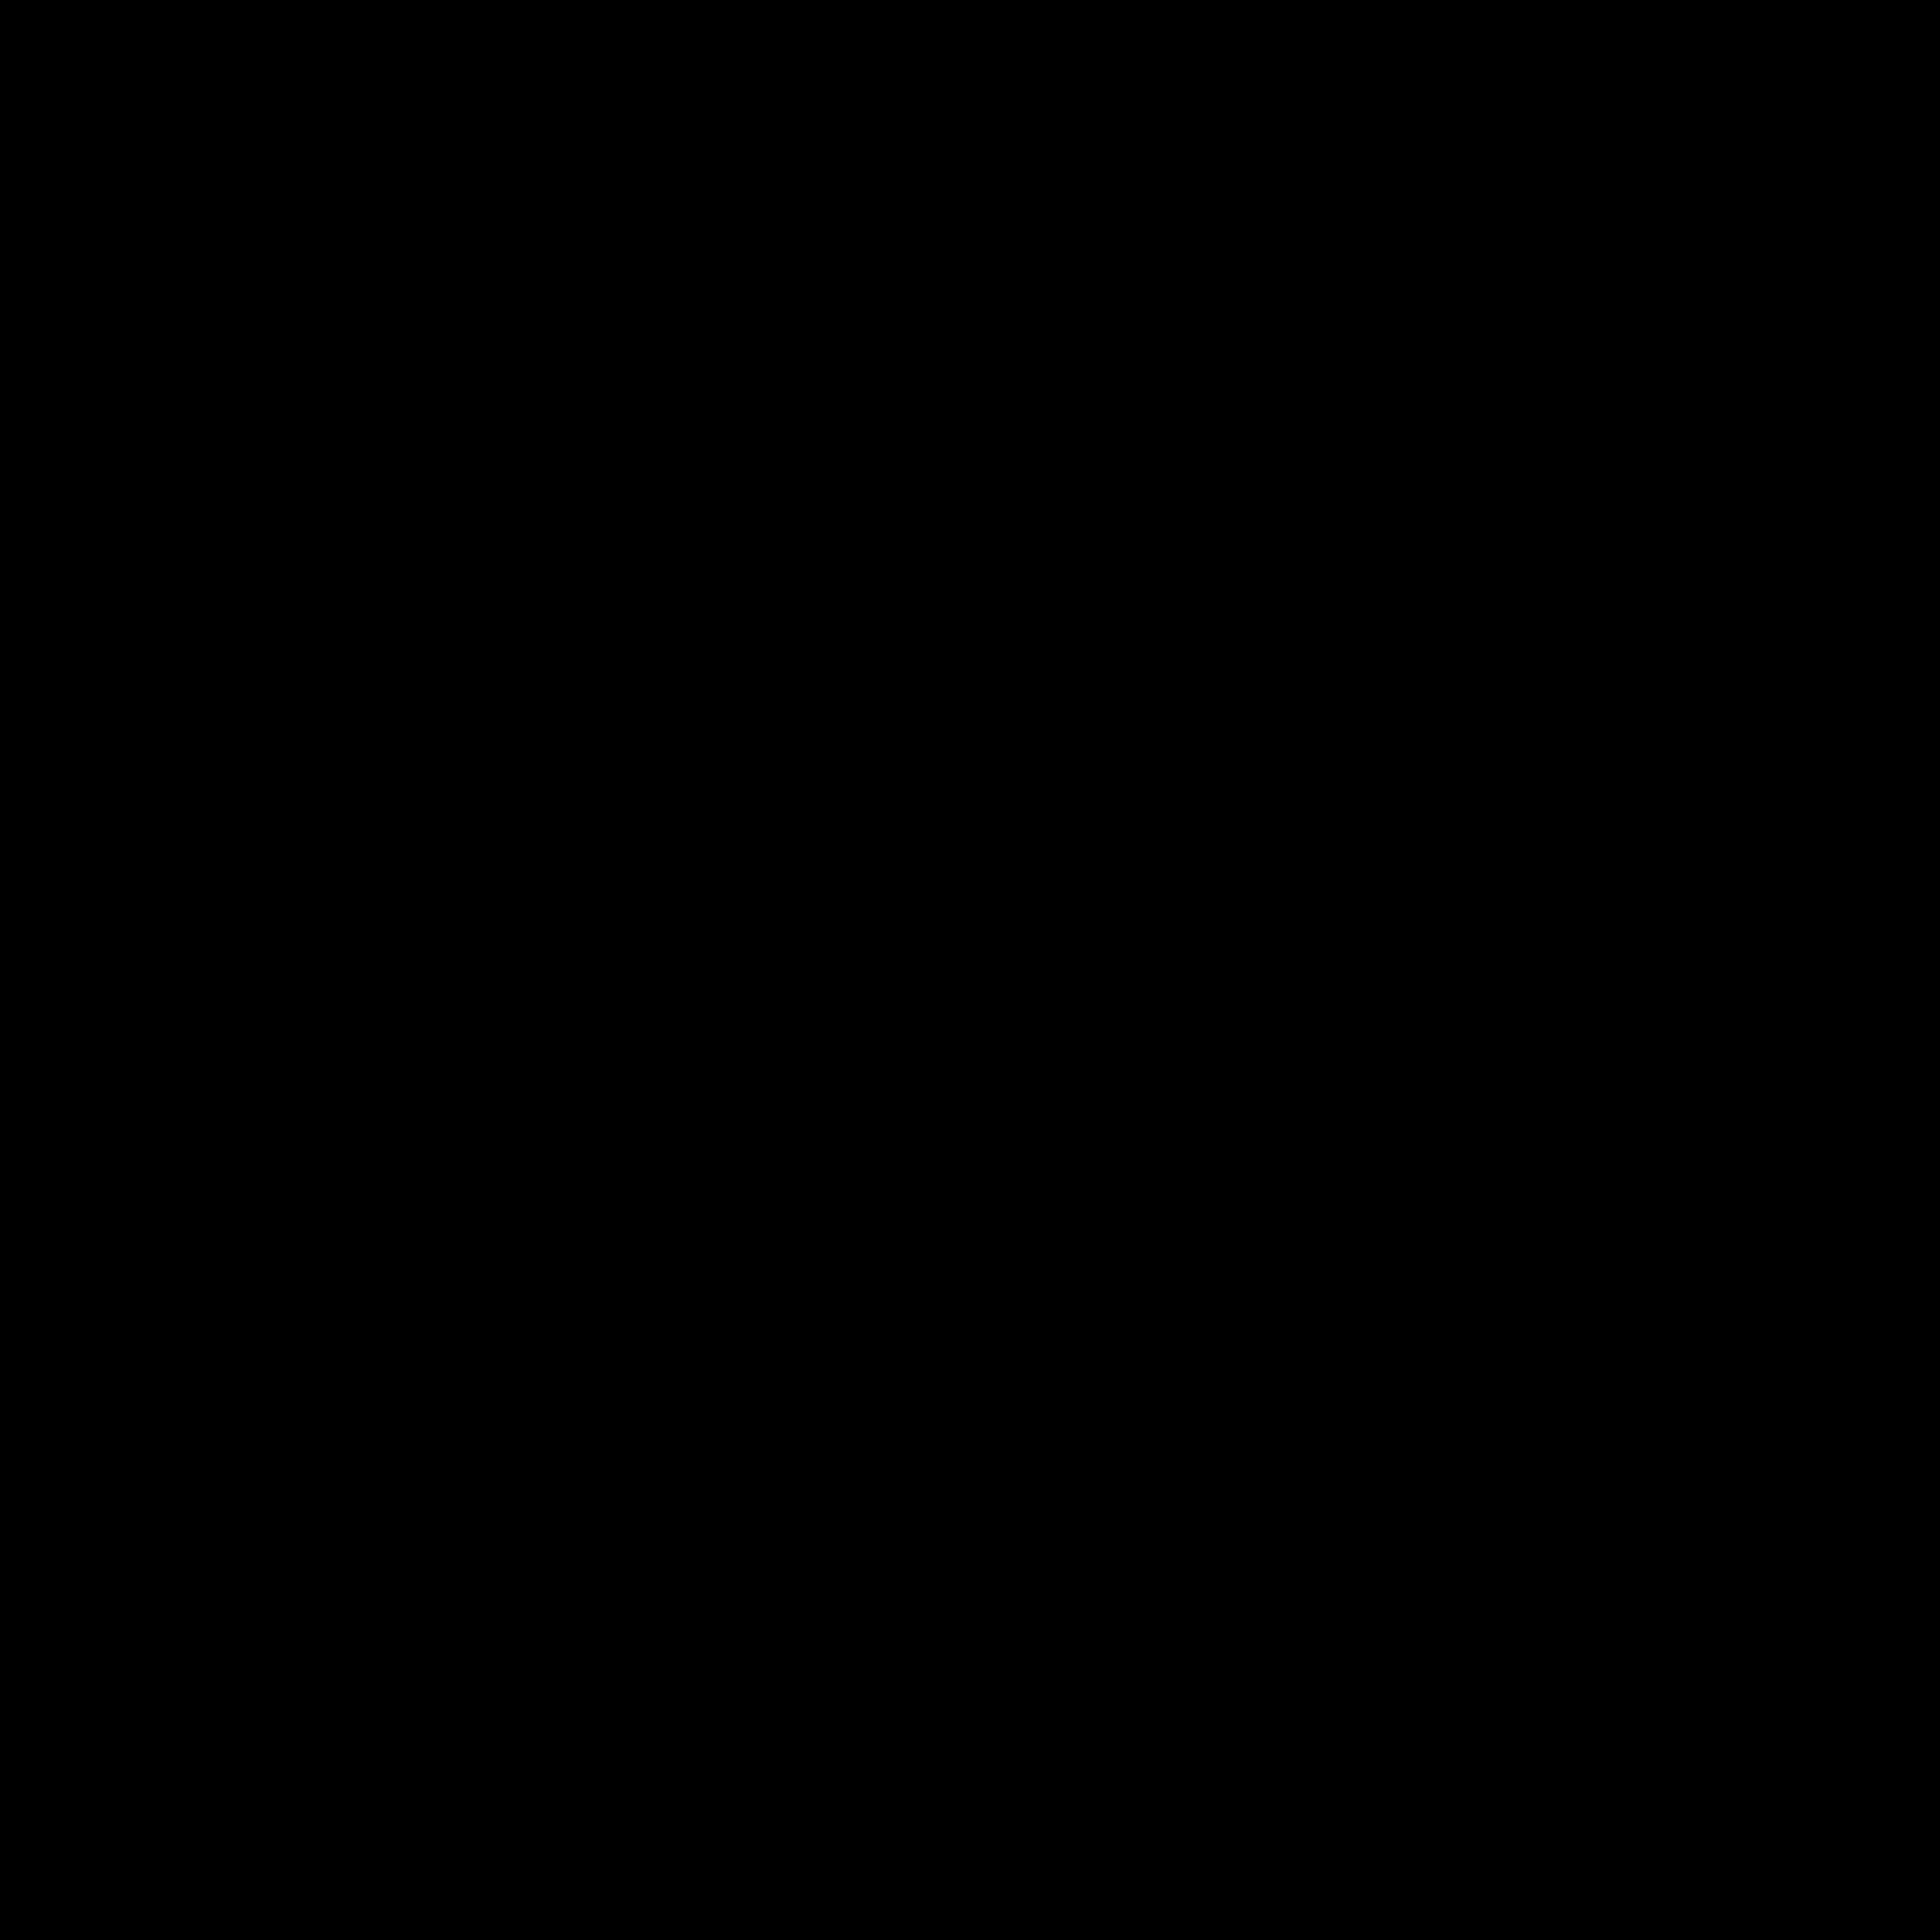 Team Onigiri logo